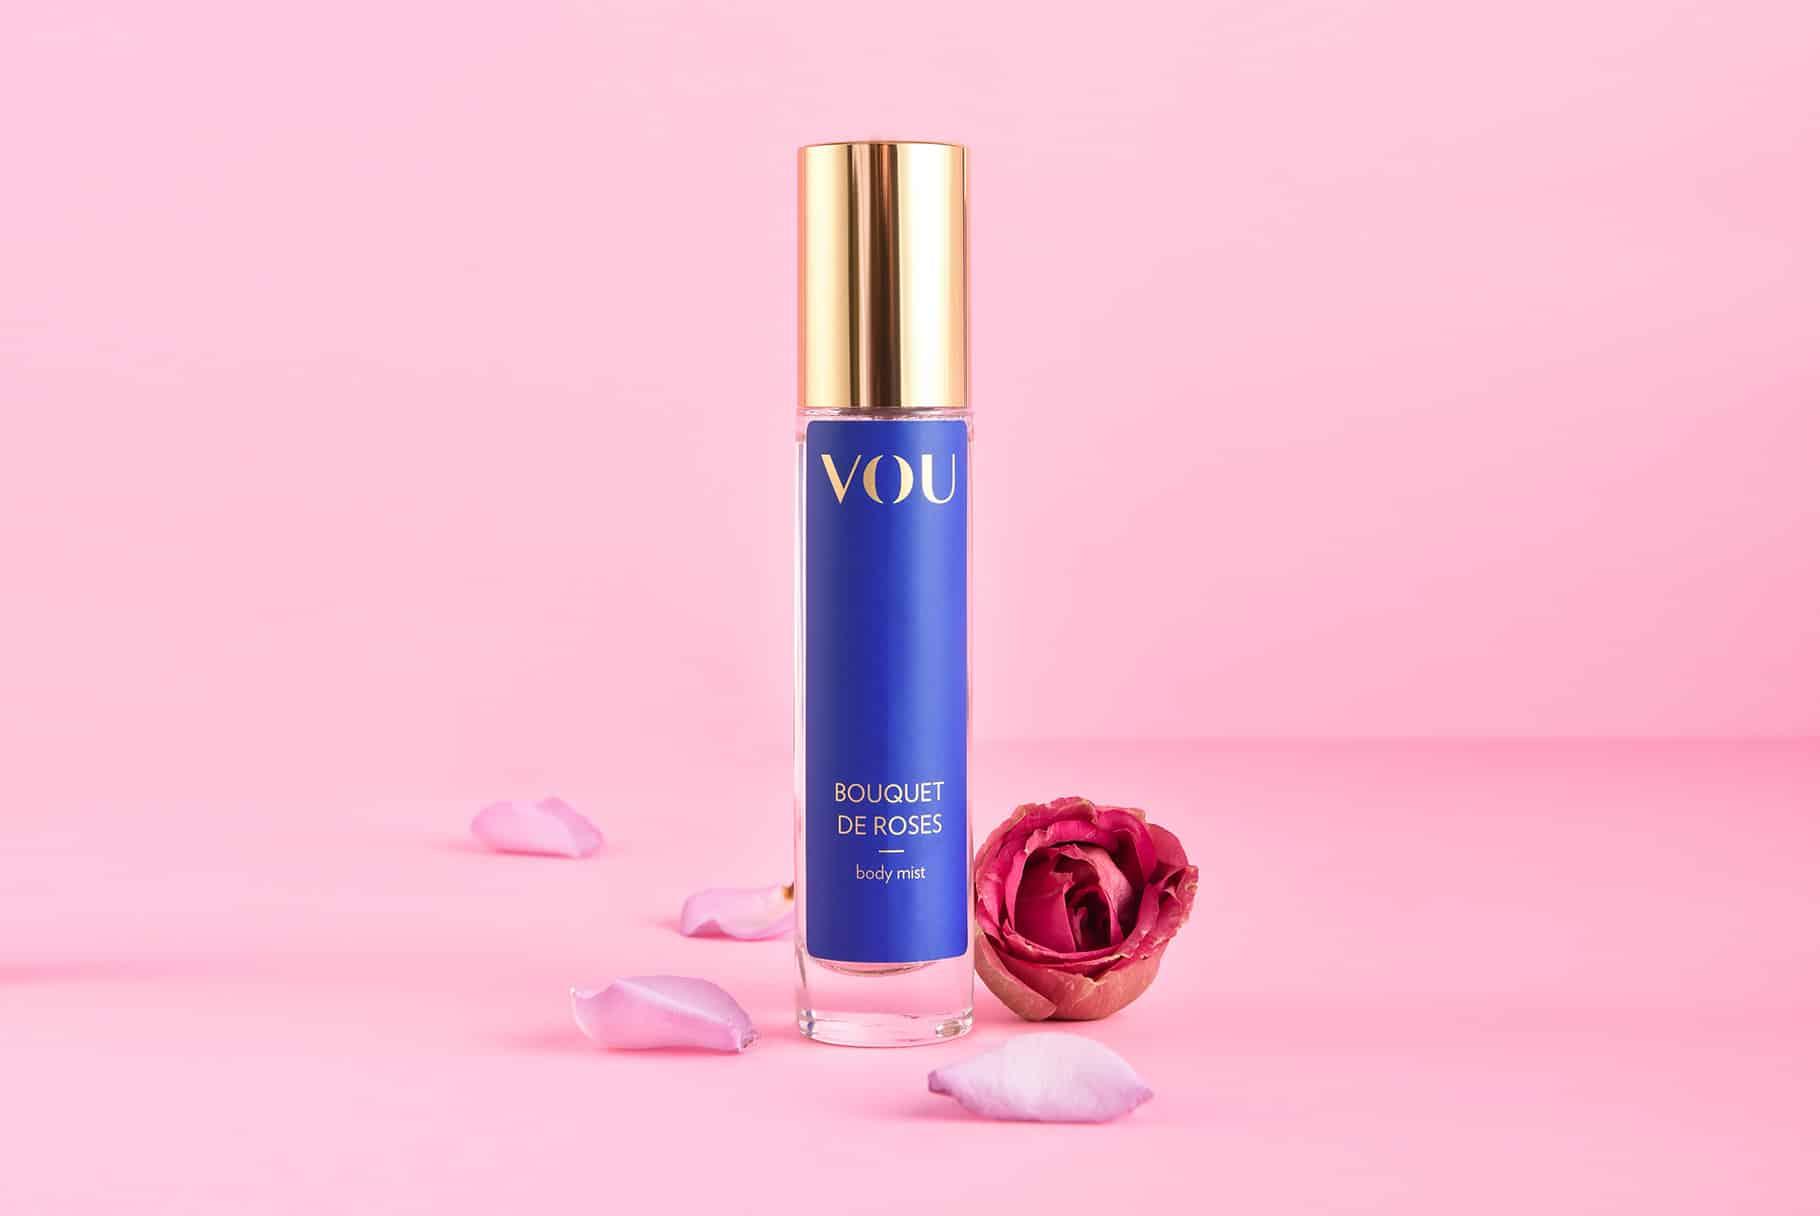 Różana mgiełka VOU do ciała i pościeli – mój nowy, seksualny rytuał | Recenzja